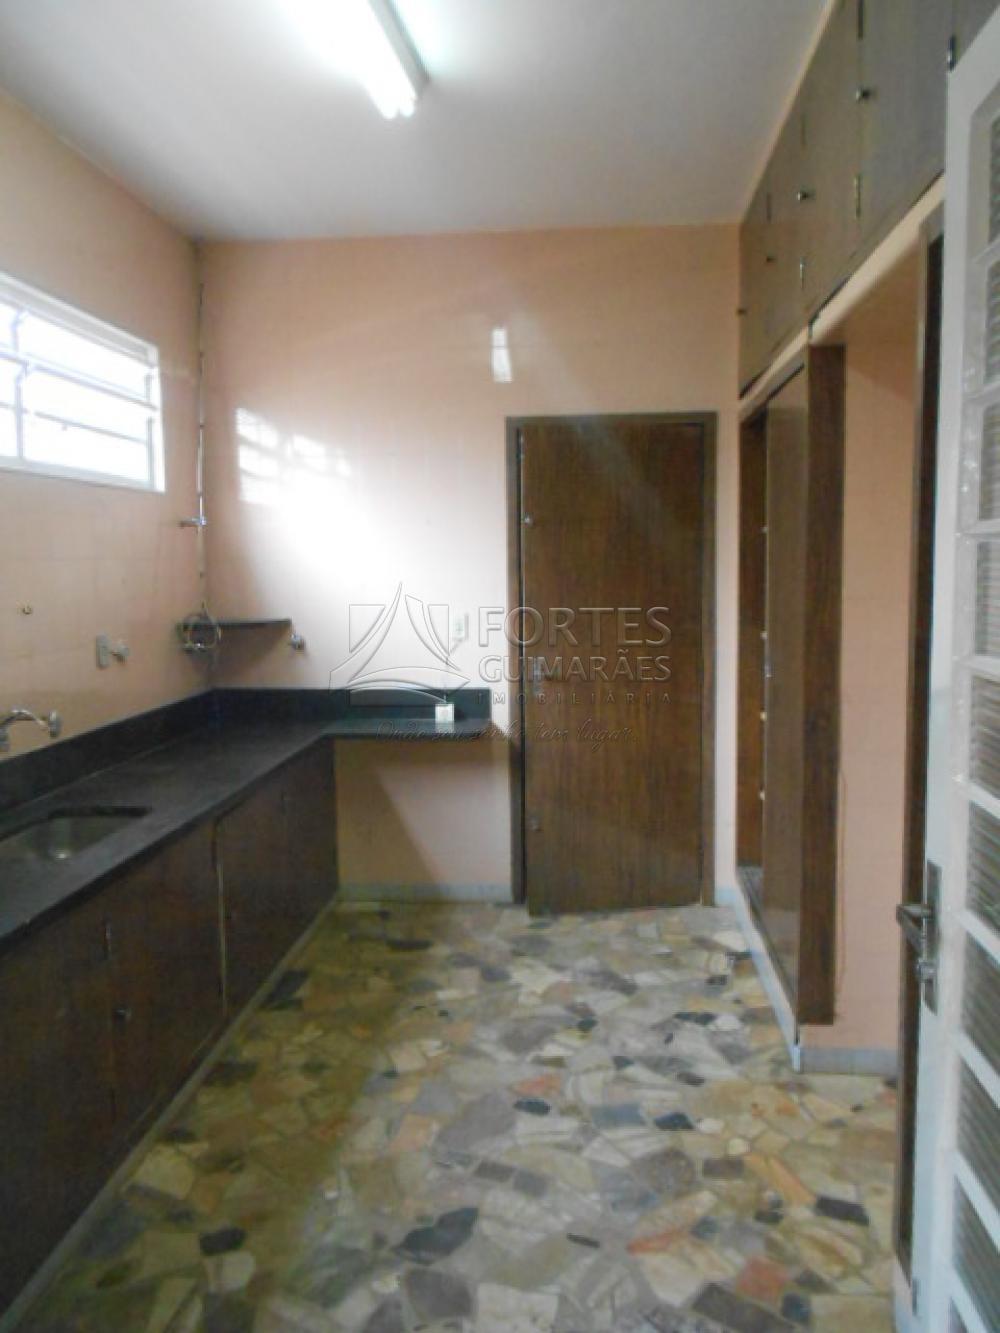 Alugar Comercial / Imóvel Comercial em Ribeirão Preto apenas R$ 3.000,00 - Foto 47